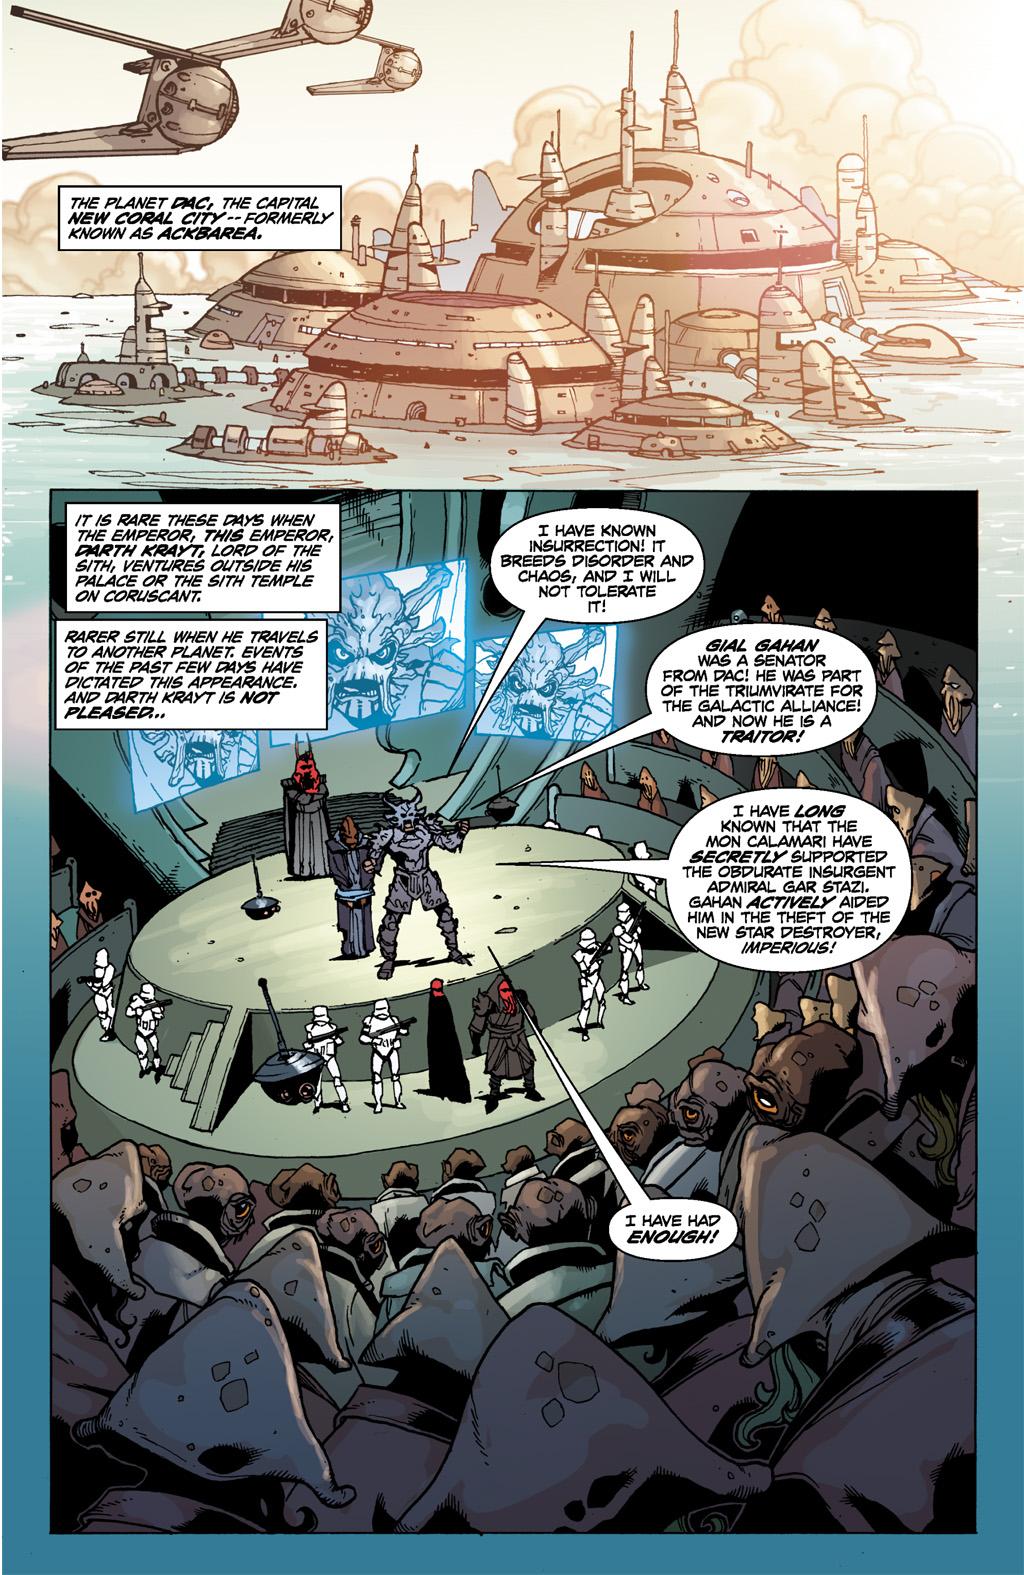 Darth Krayt Orders The Mon Calamari Genocide